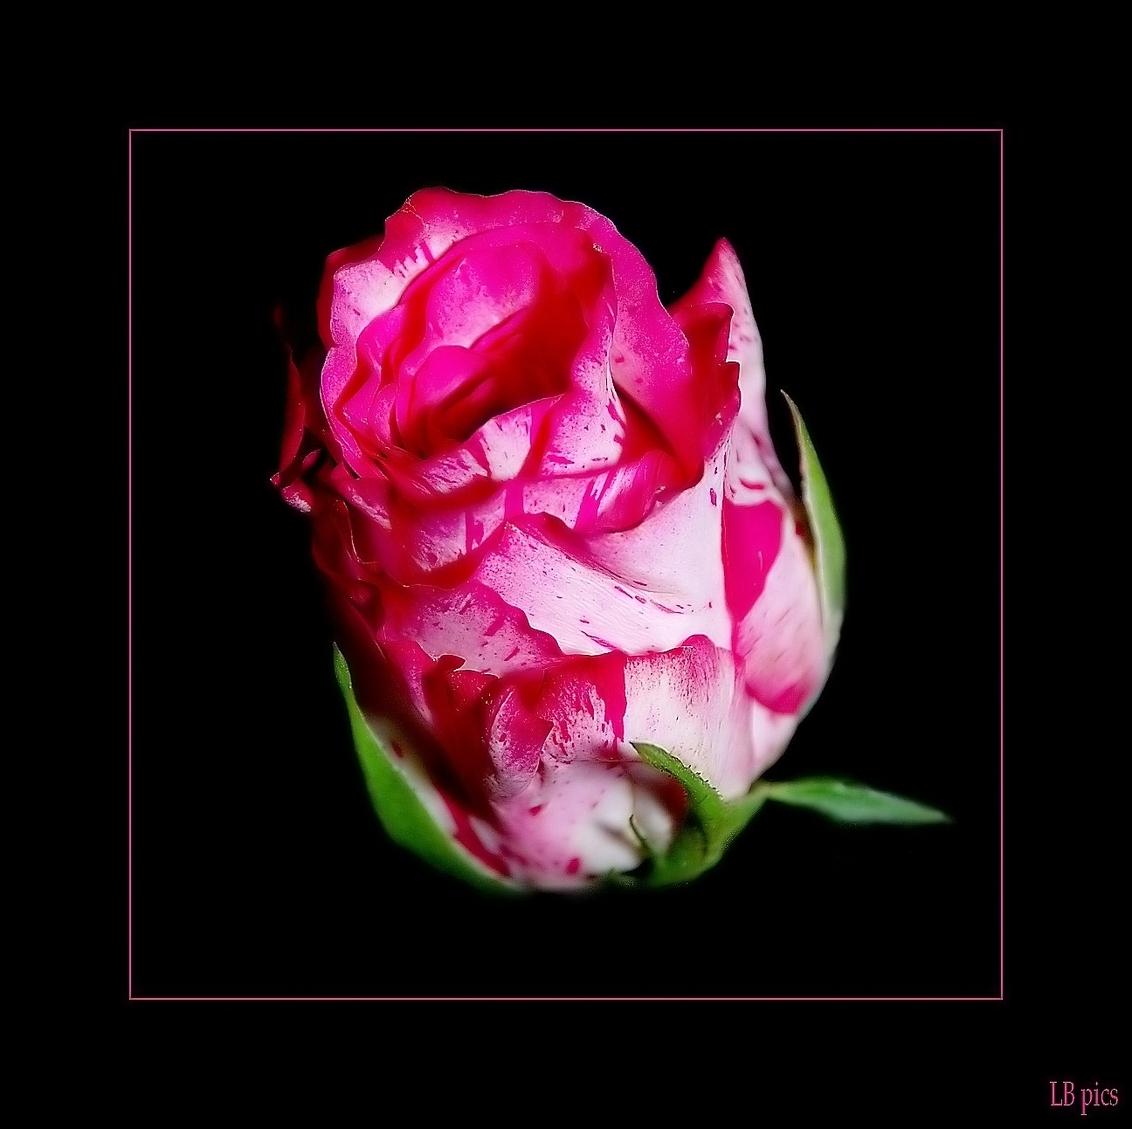 N-Joy - geniet er van - foto door XIANG op 20-02-2010 - deze foto bevat: roos